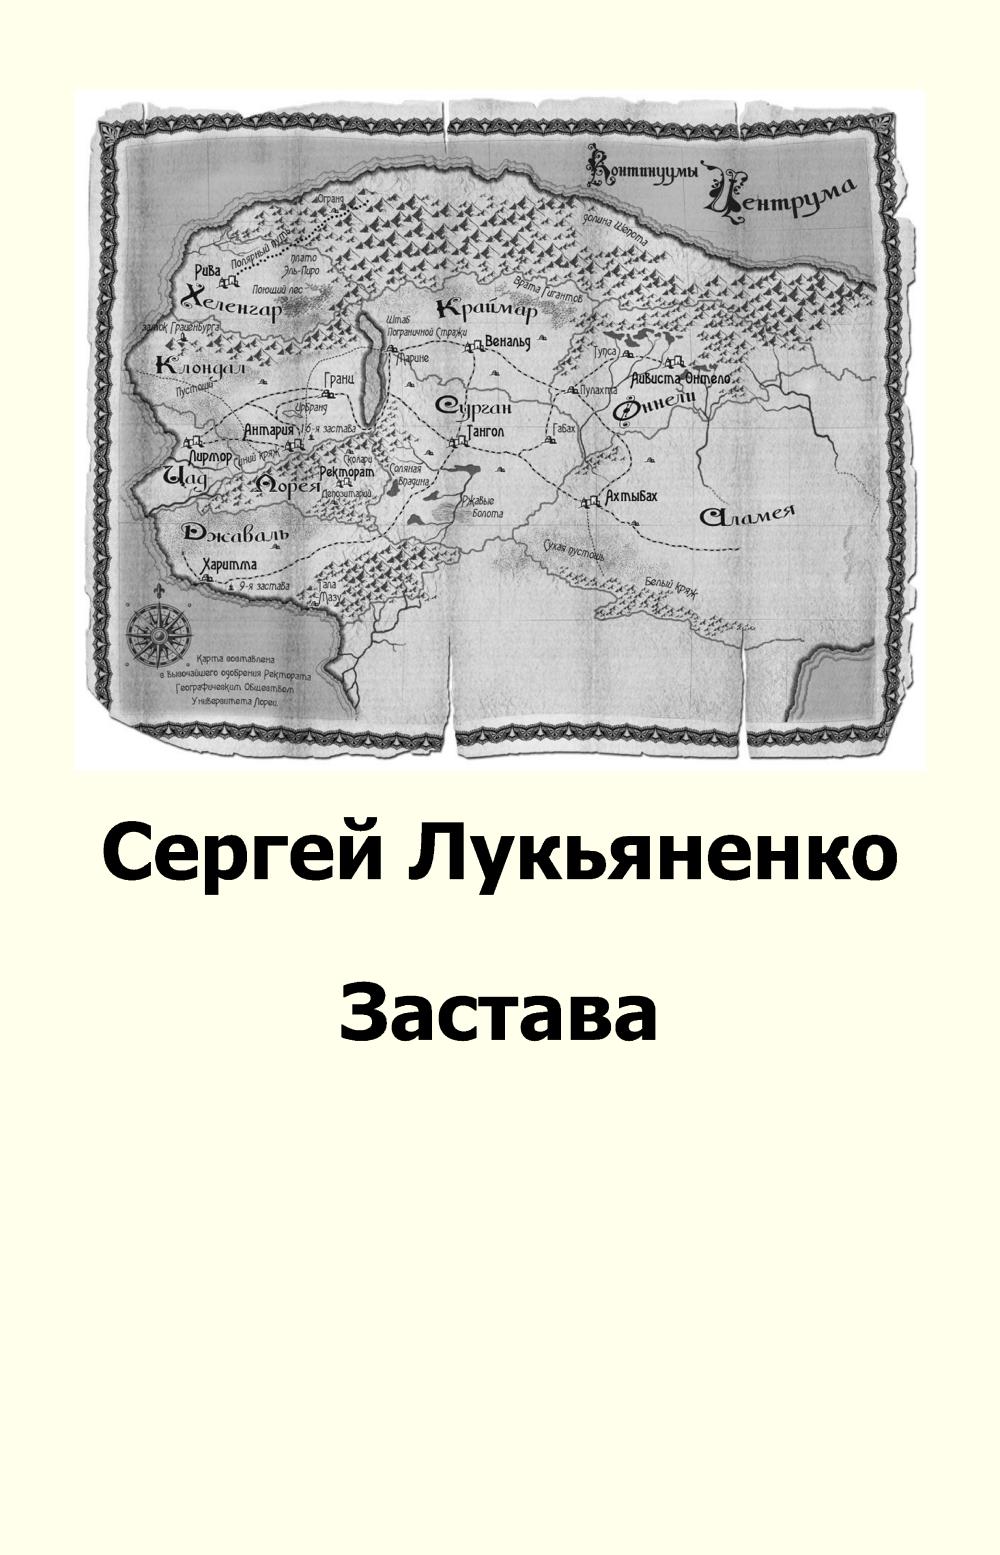 Коллектив авторов - Цикл «Пограничье» [9 книг] | FB2